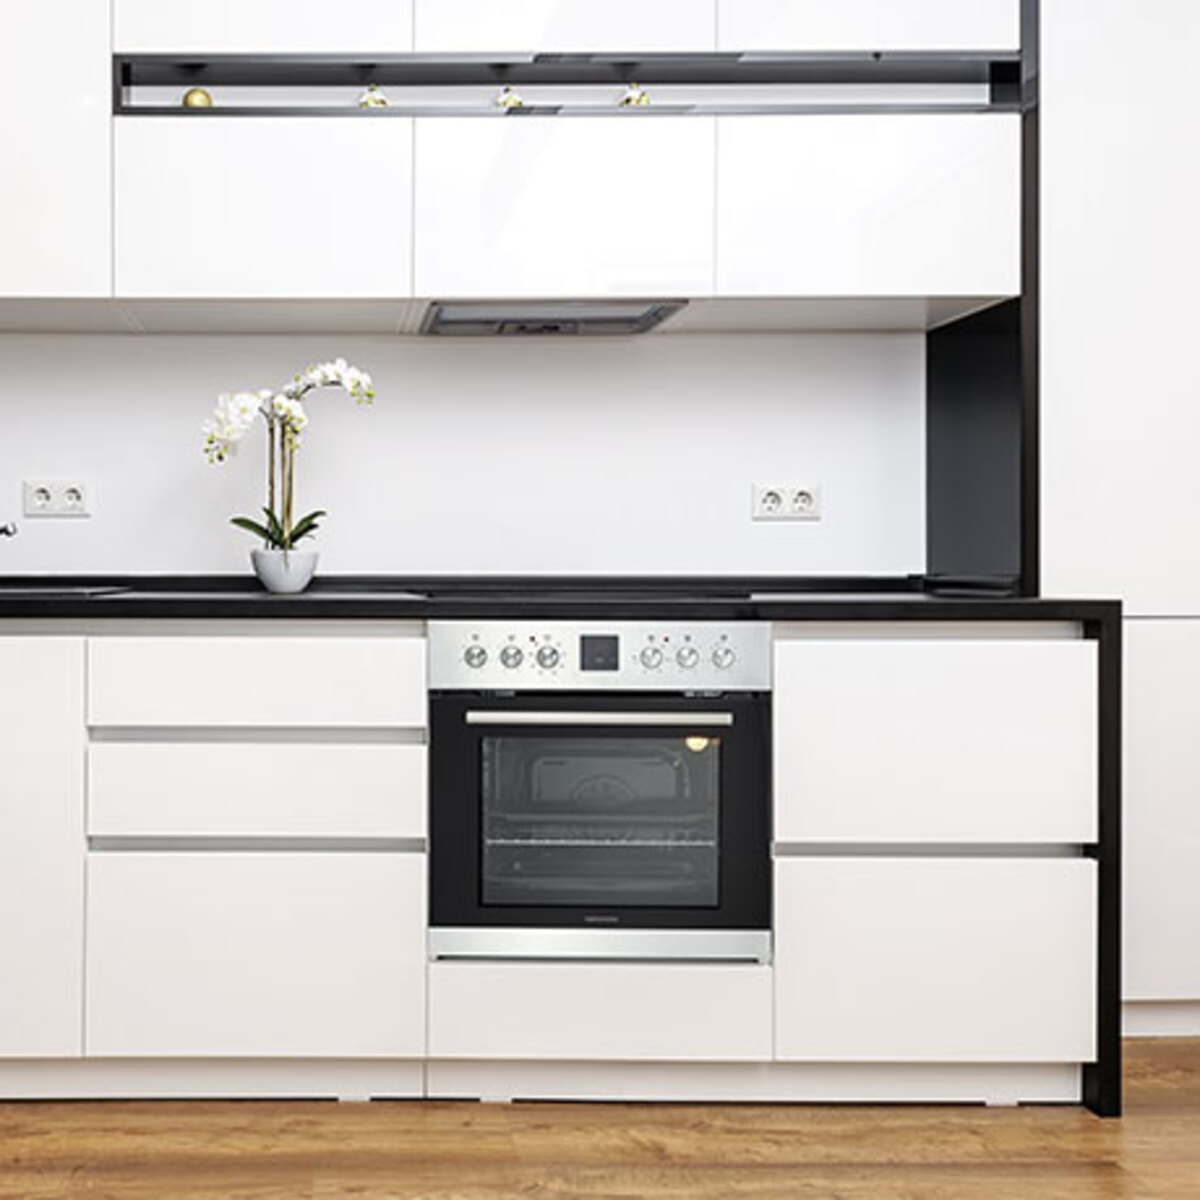 Bild 1 von Einbauherd-Set mit Schott Ceran®  - Kochfeld1